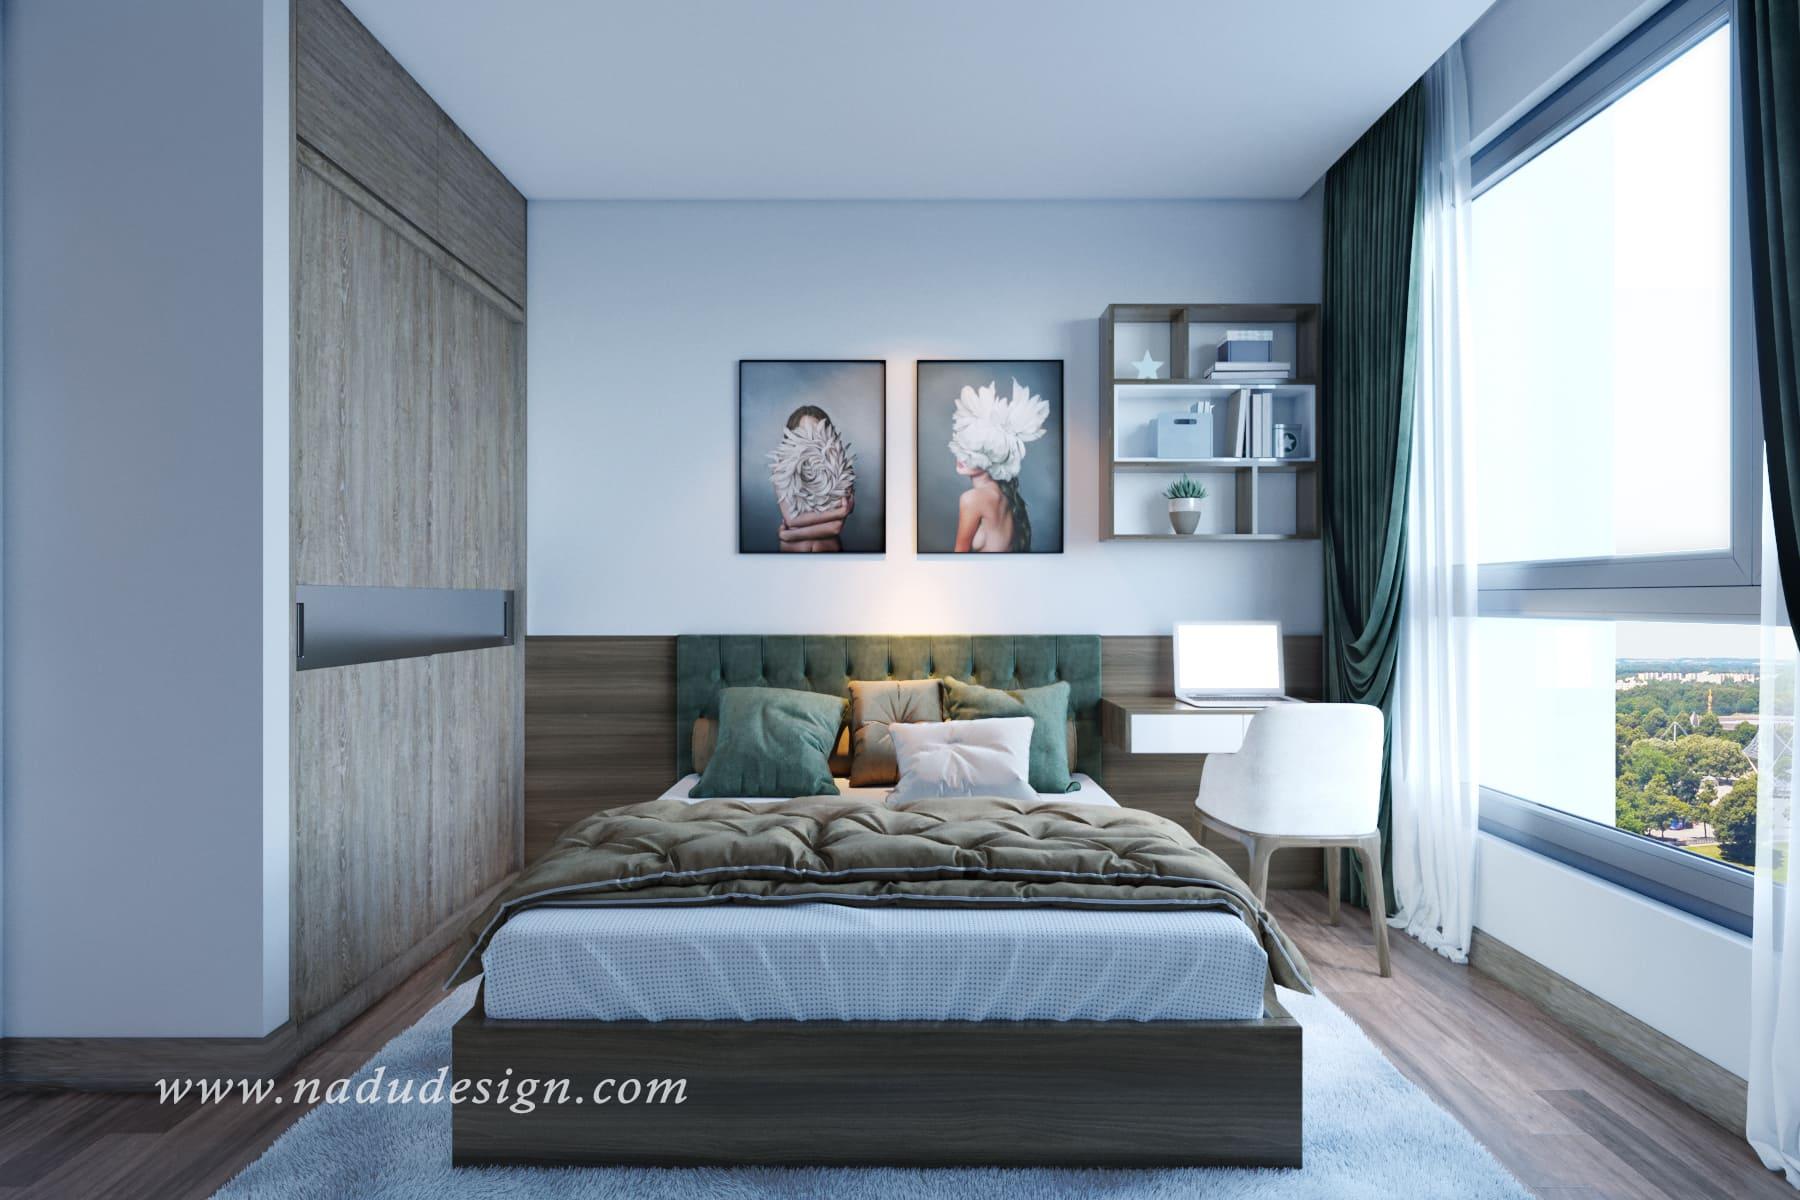 mẫu thiết kế phòng ngủ chung cư đẹp